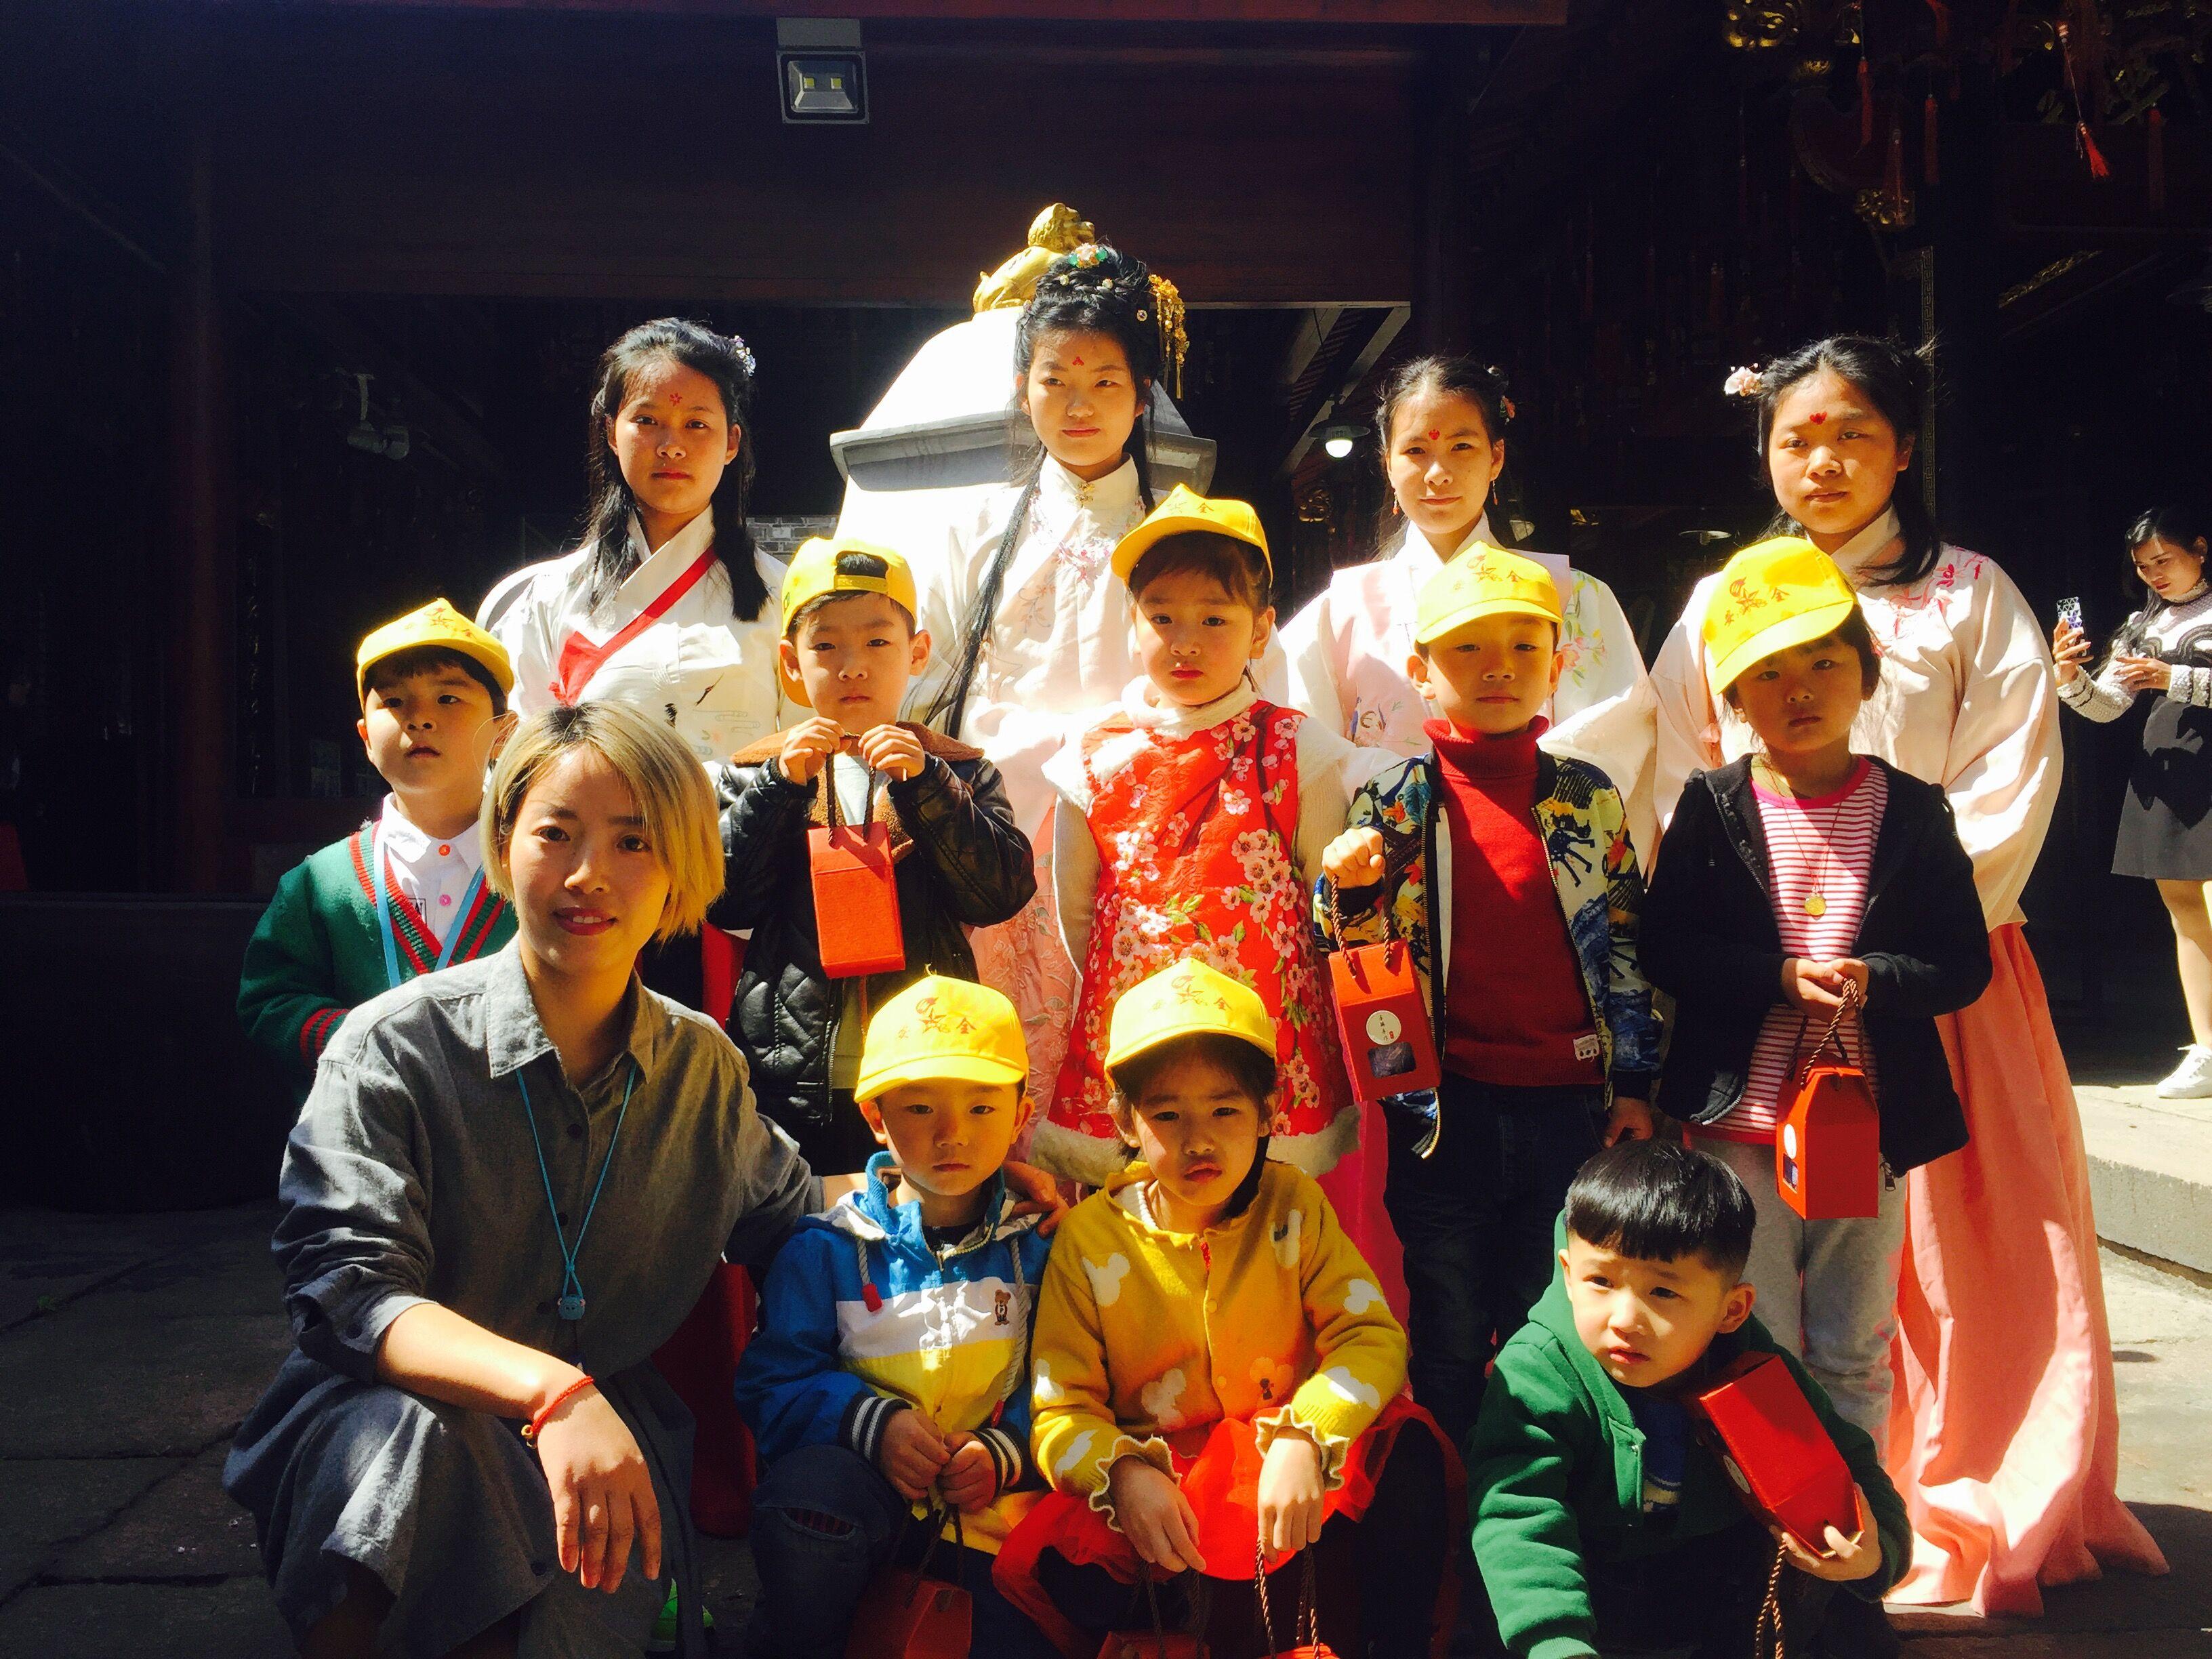 传统文化来搭桥,志愿服务入生活